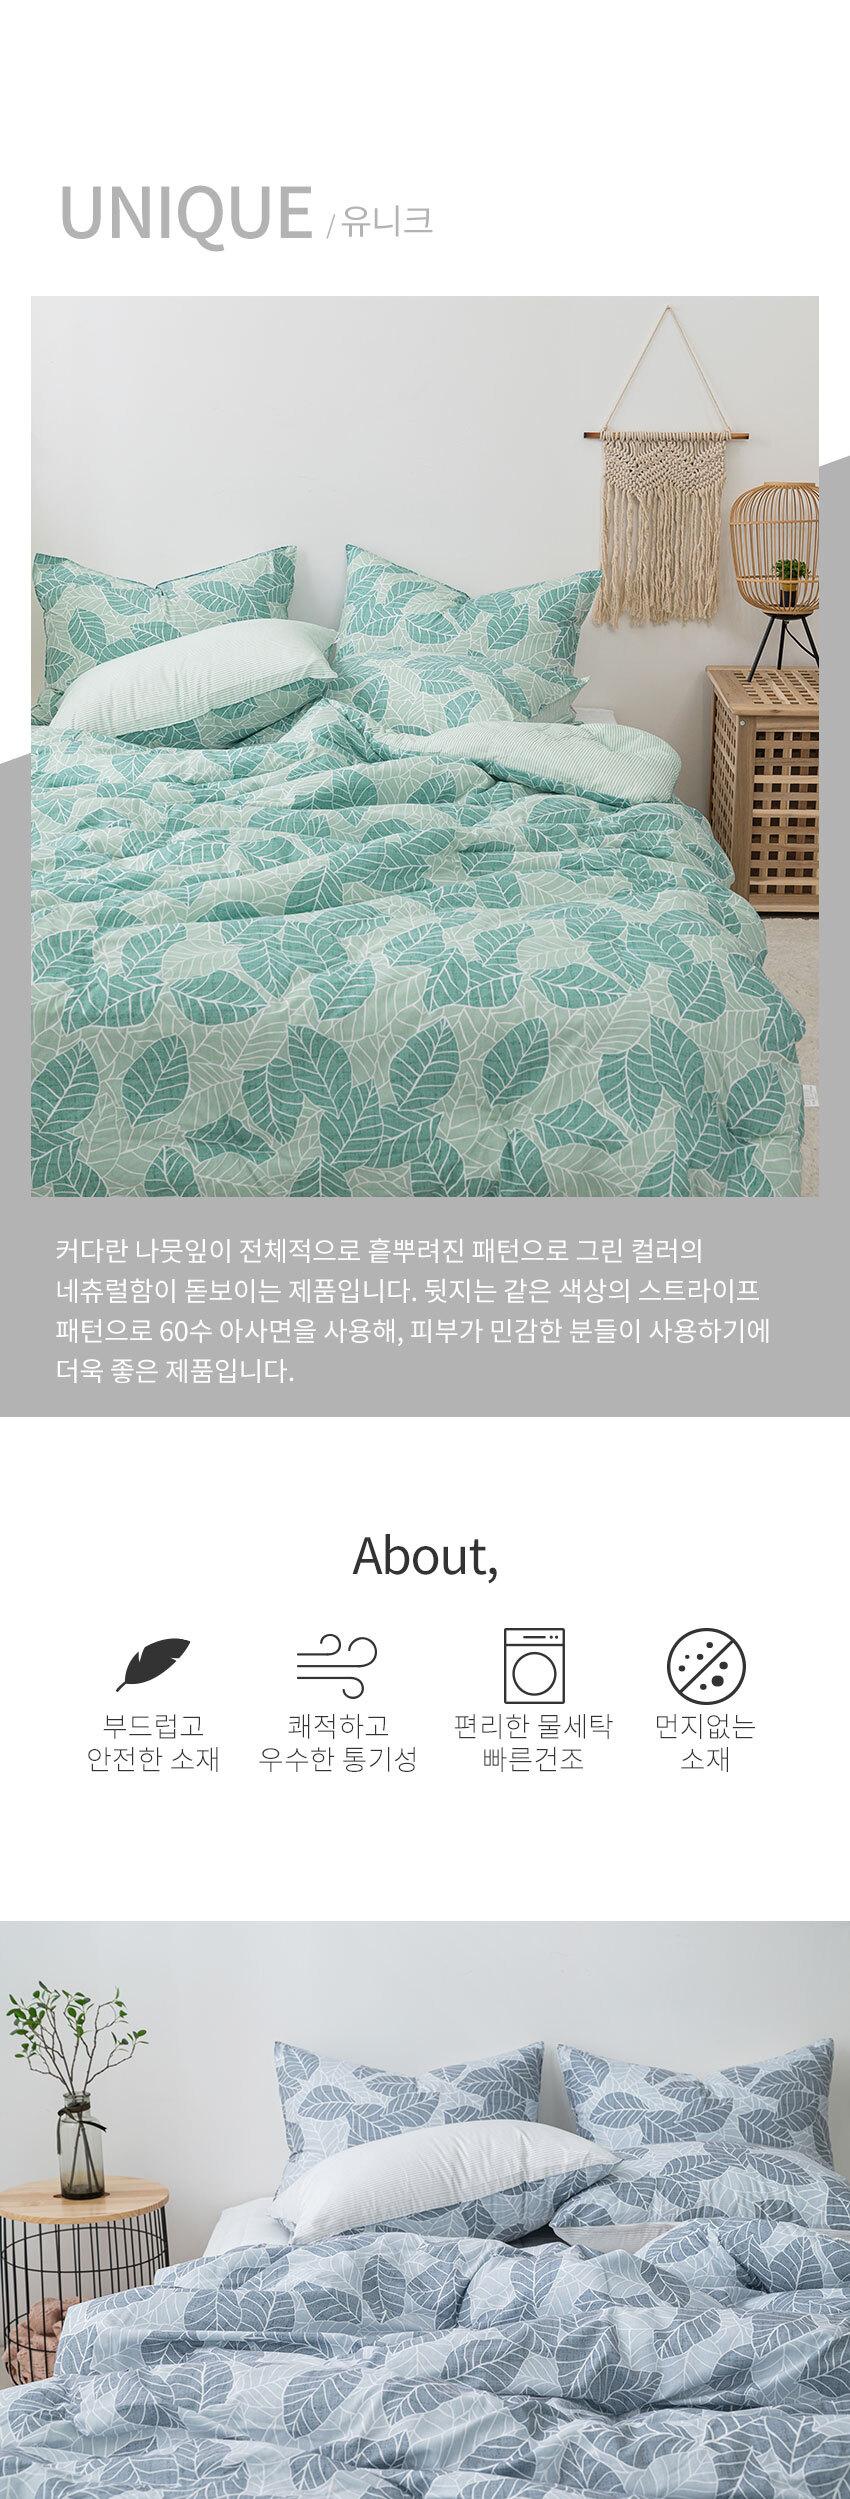 unique_bed_top.jpg